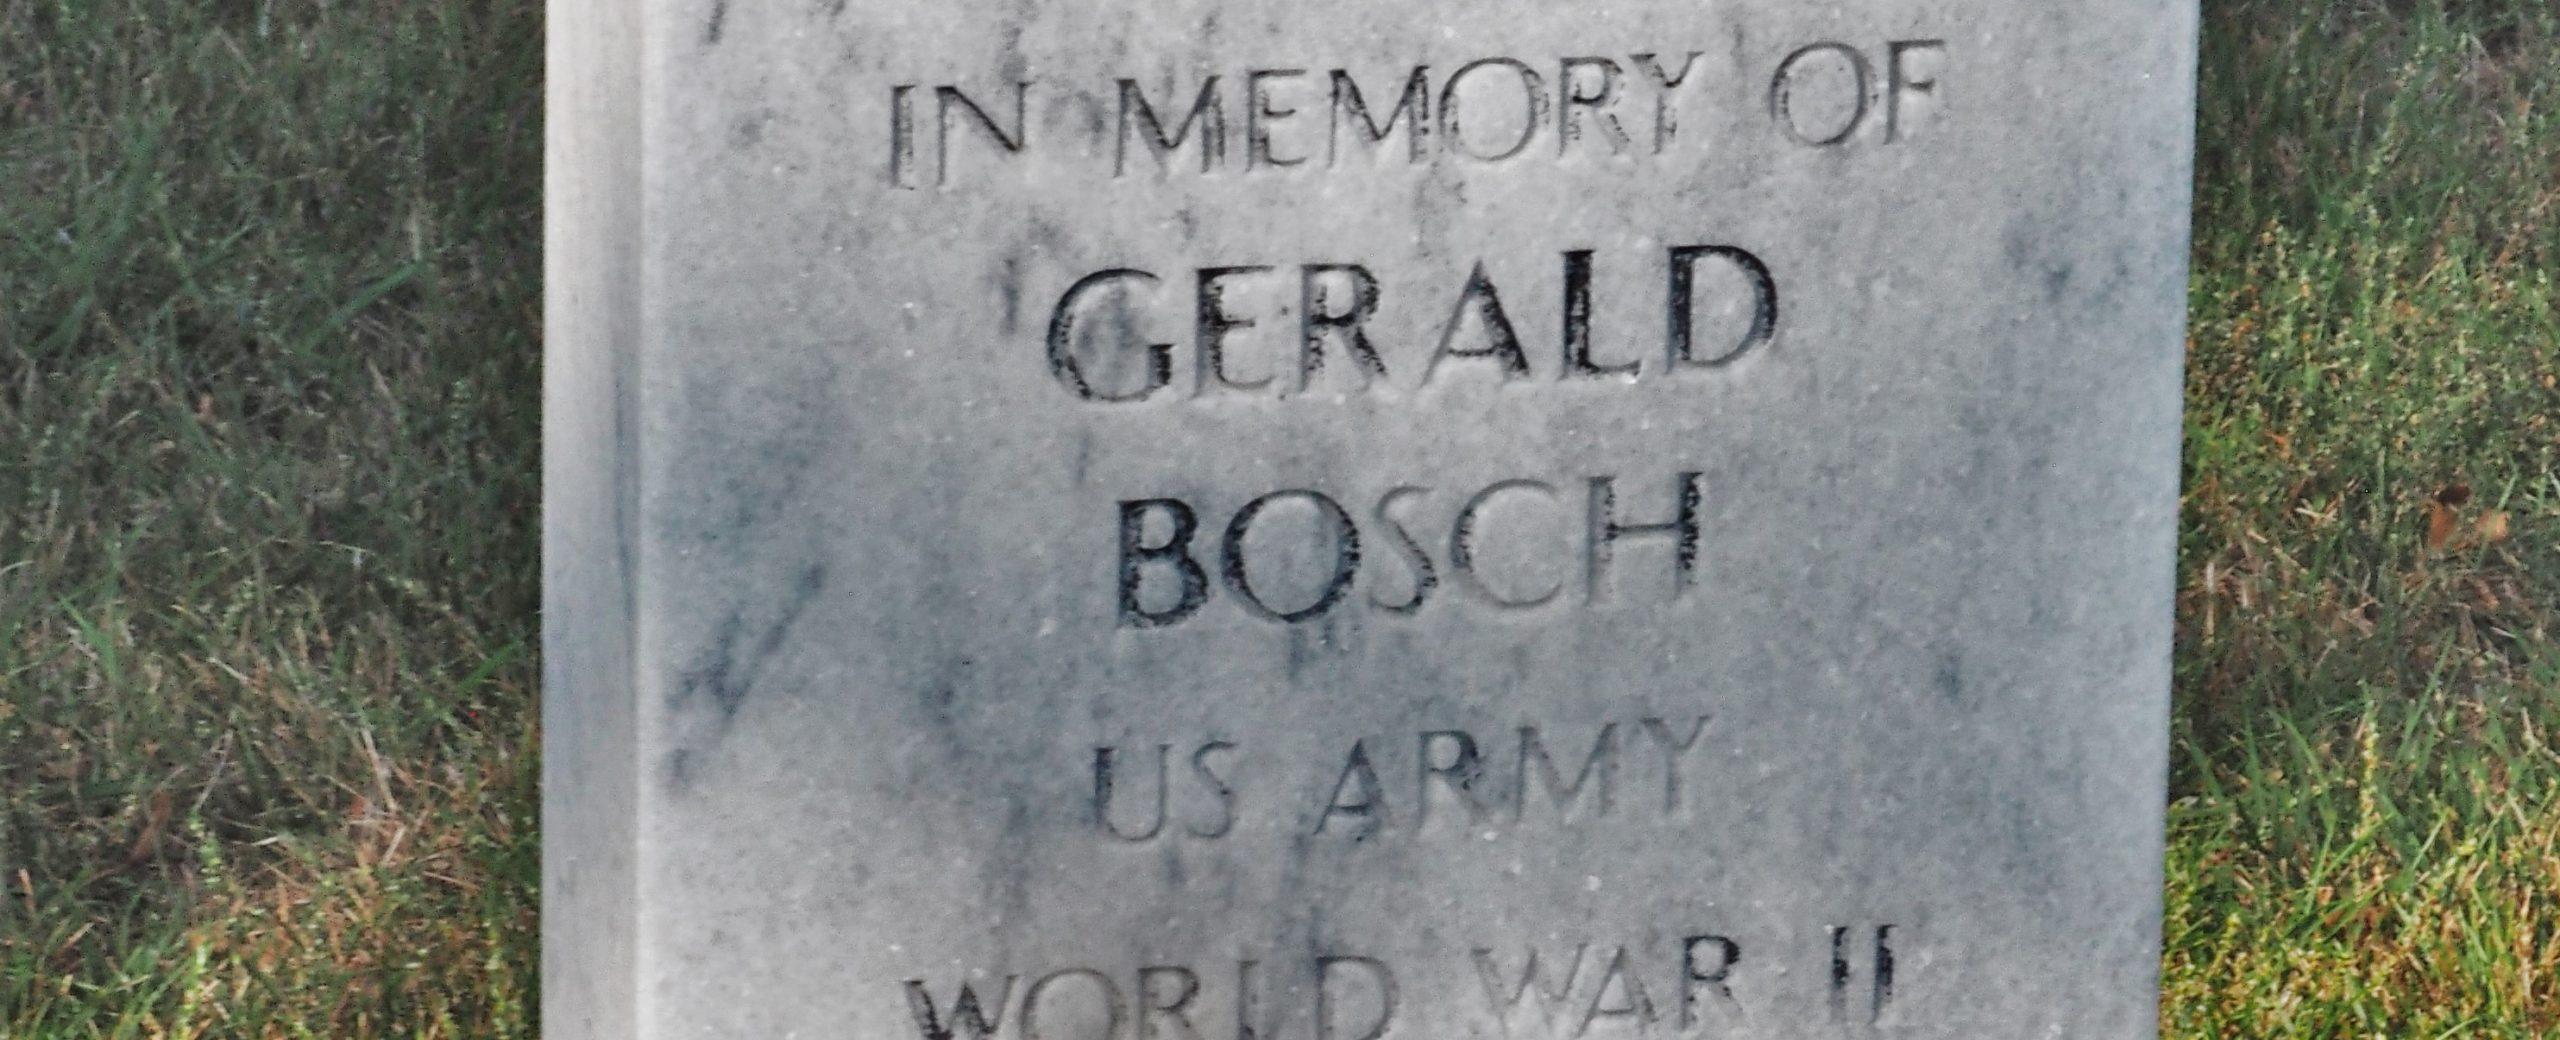 Gerald Bosch: A Life